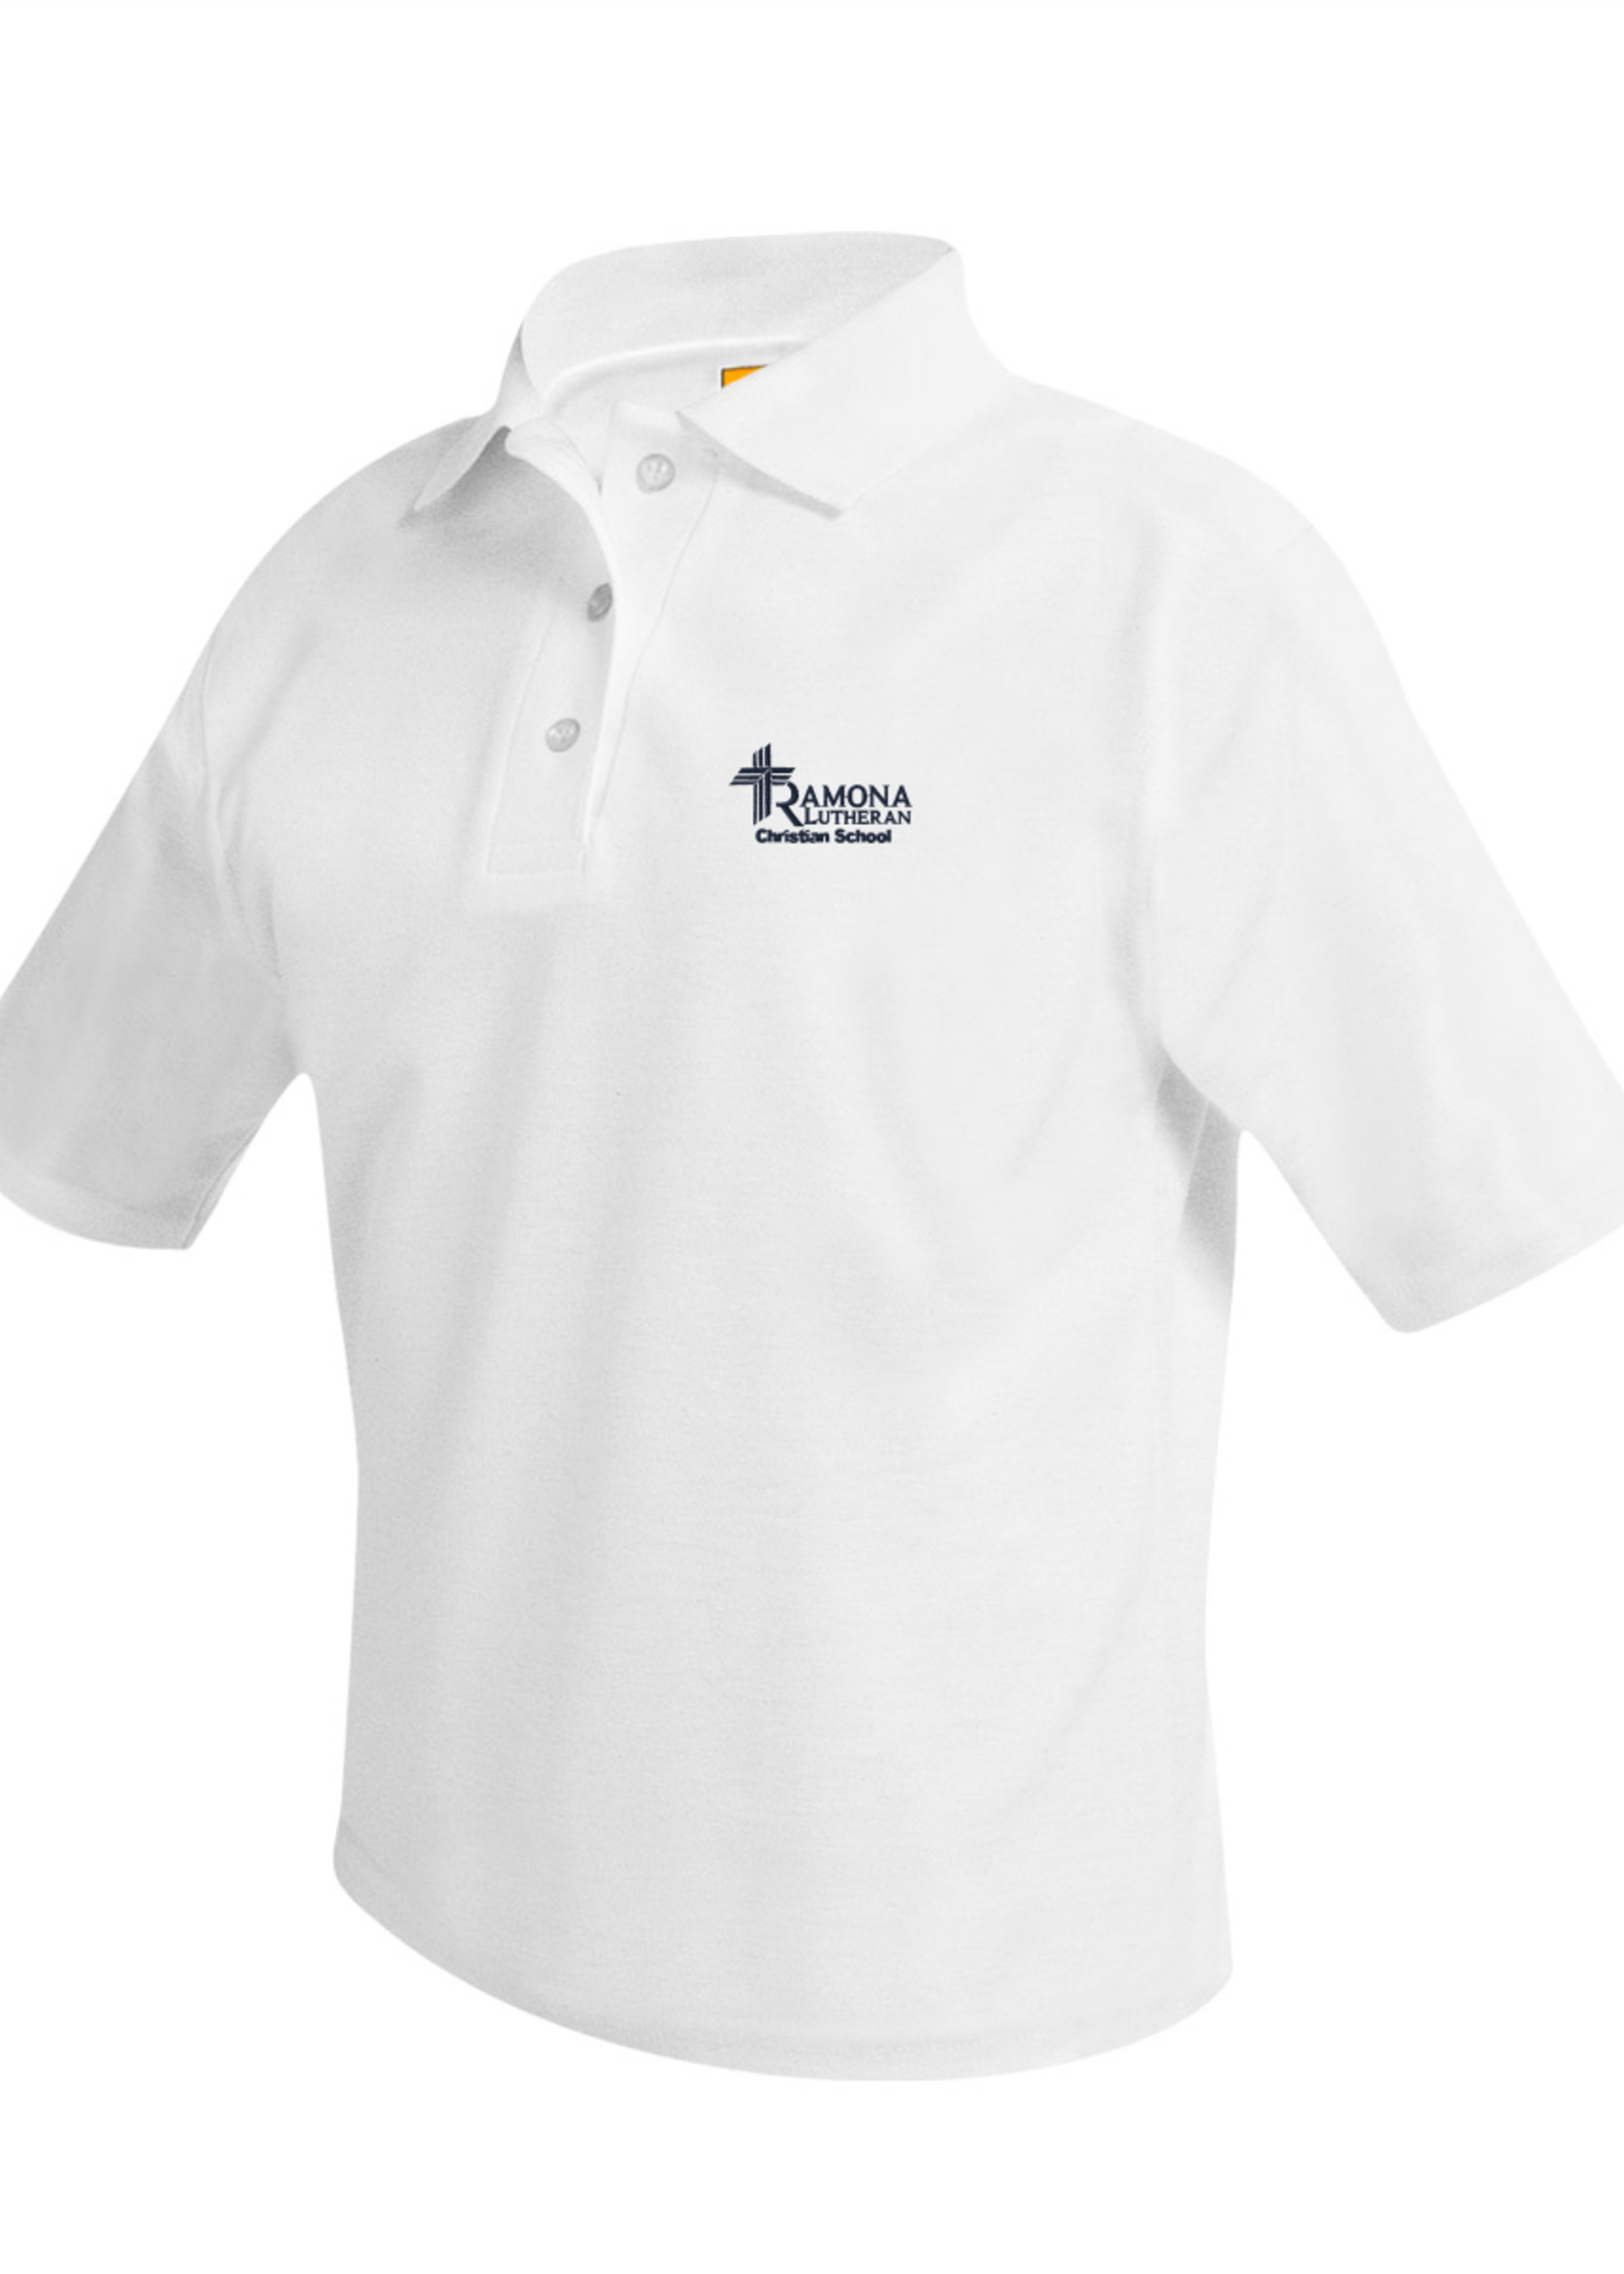 TUS RLCS Short Sleeve Pique Polo